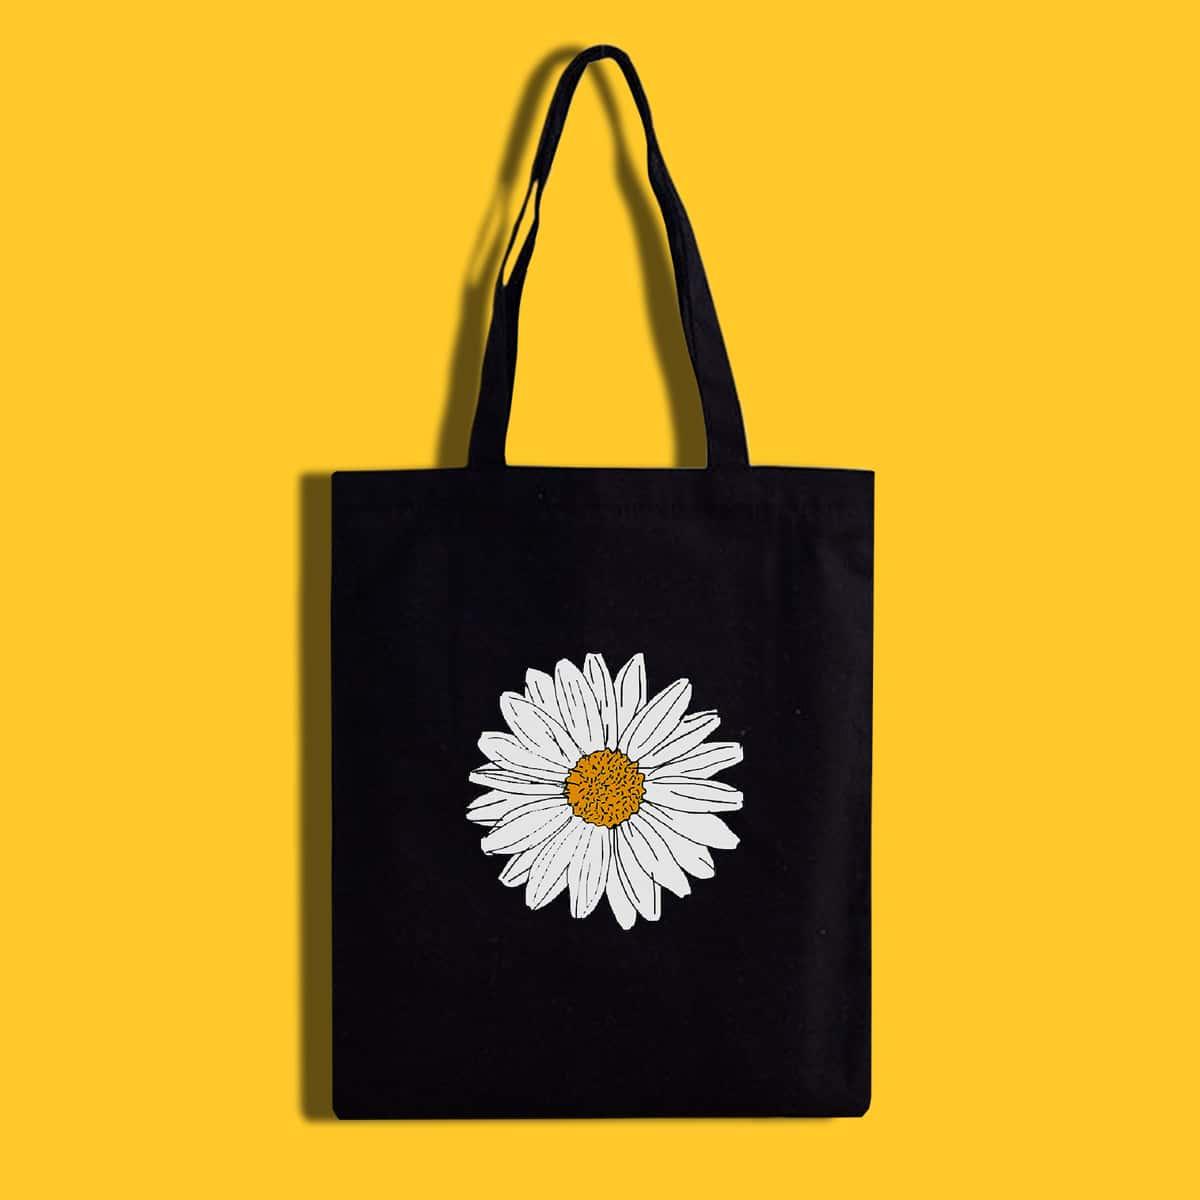 Сумка-шоппер с цветочным принтом по цене 270